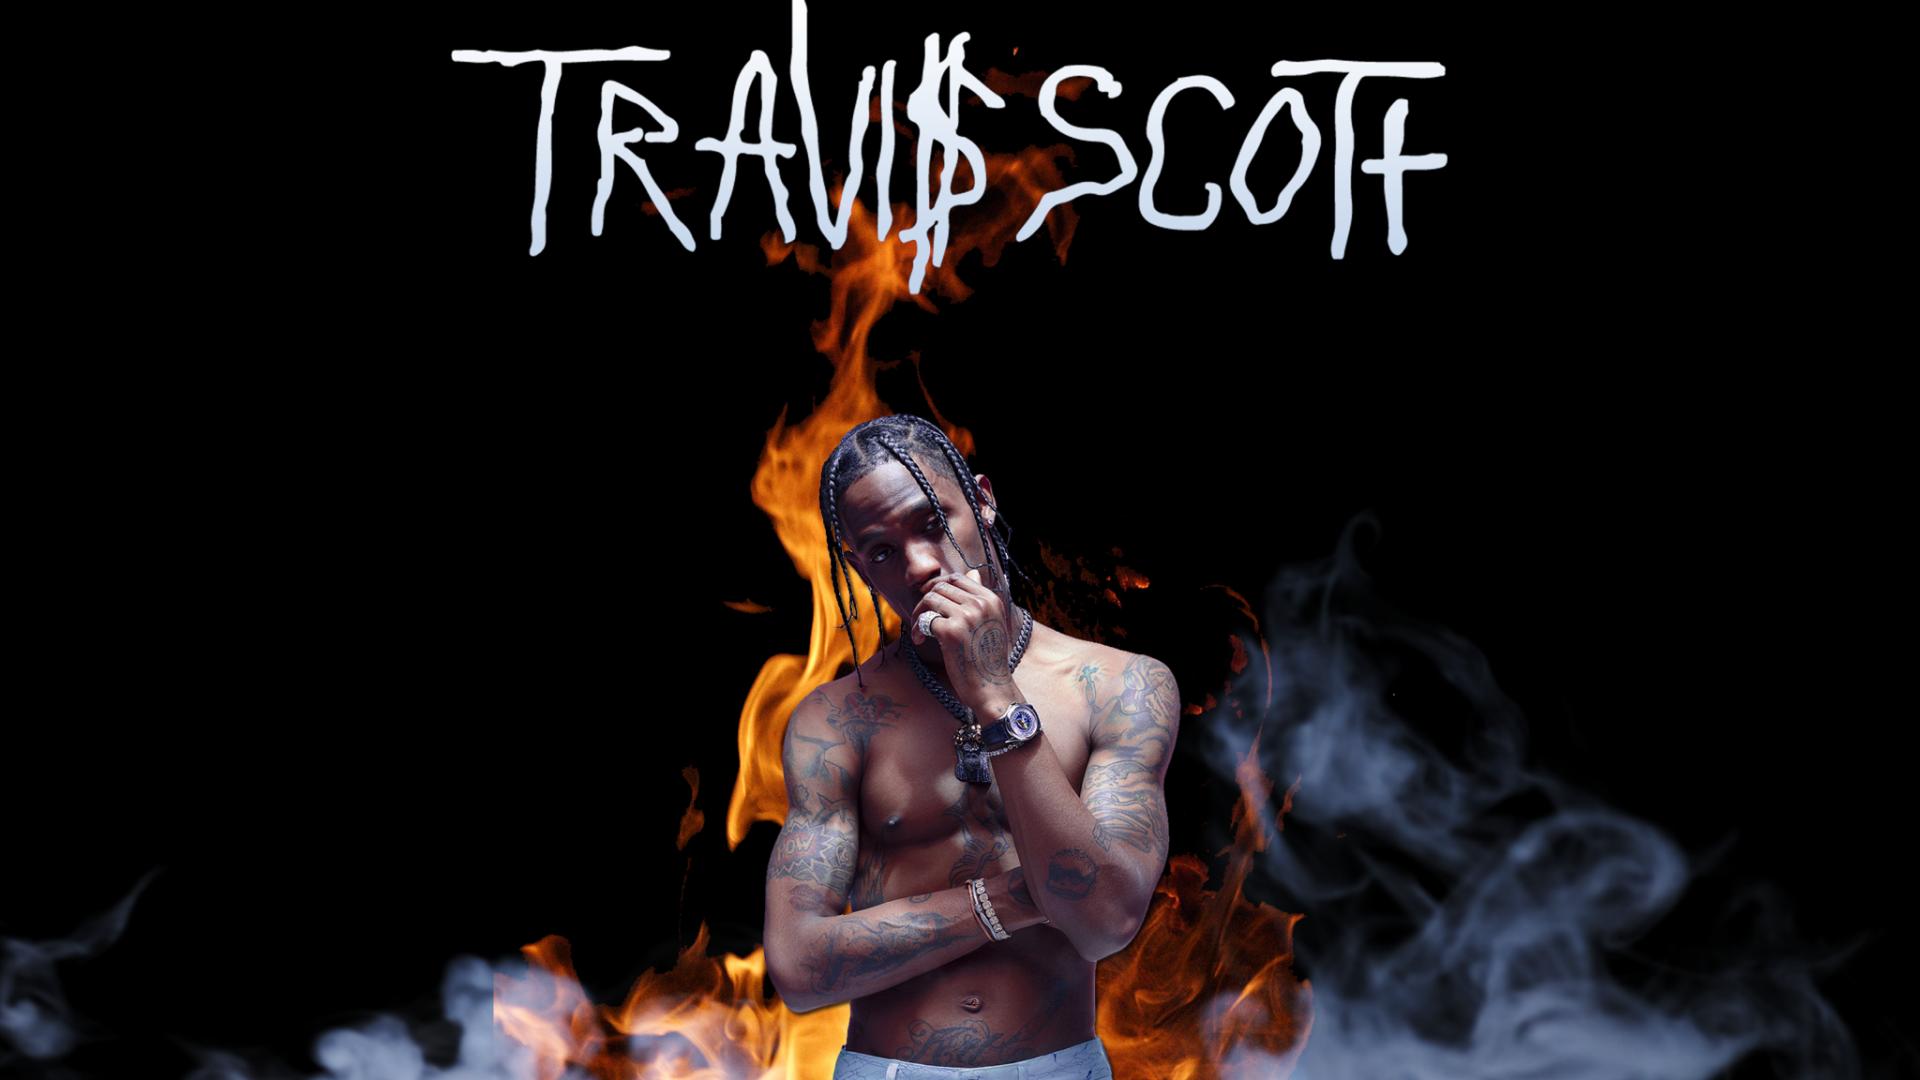 Free Download Travis Scott Minimalistic Wallpaper Travisscott